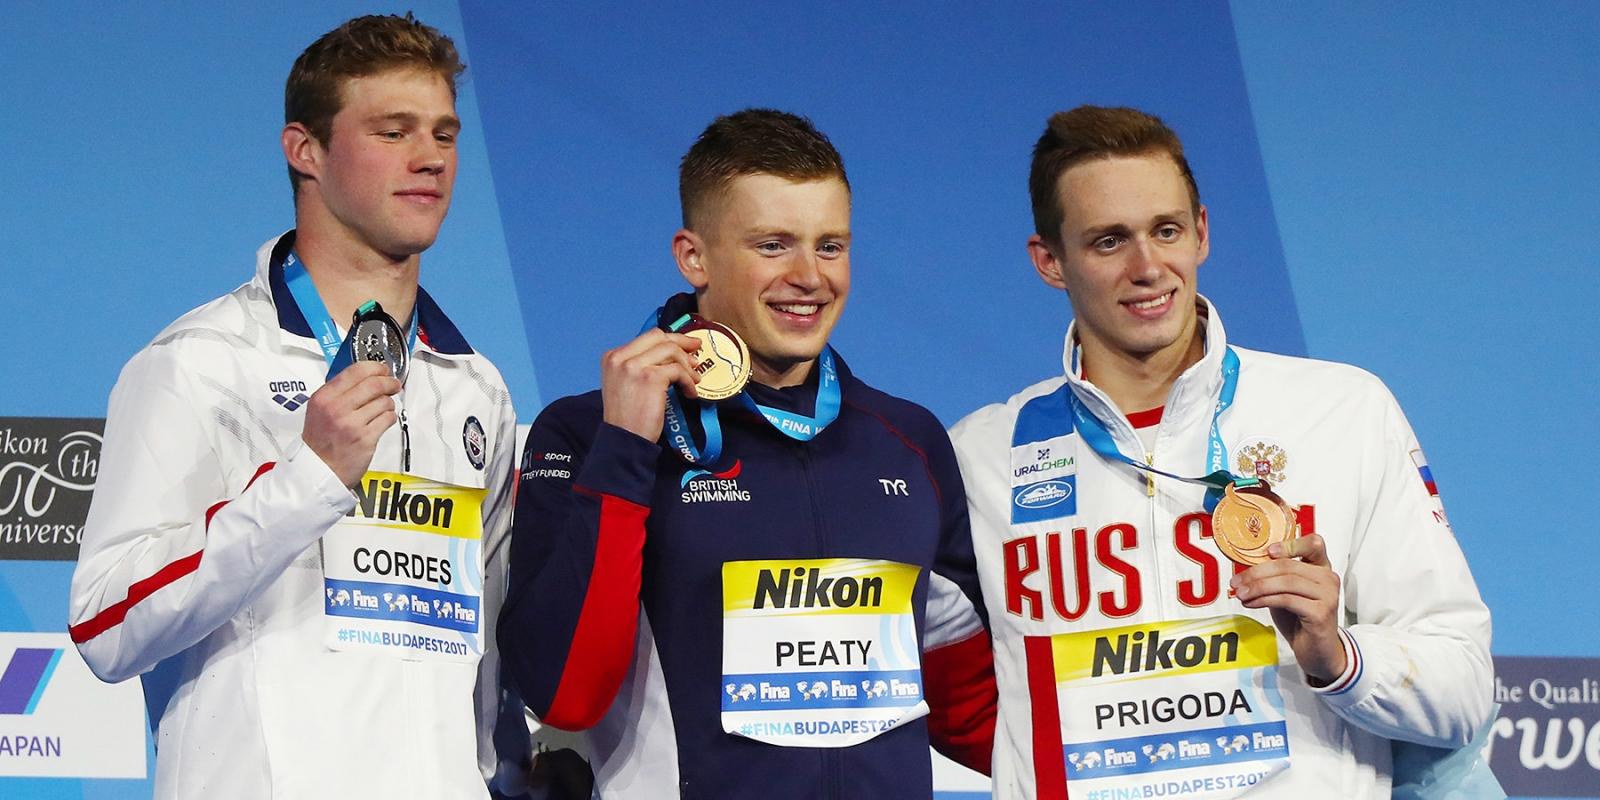 Кирилл Пригода взял бронзу на ЧМ-2017 по водным видам спорта